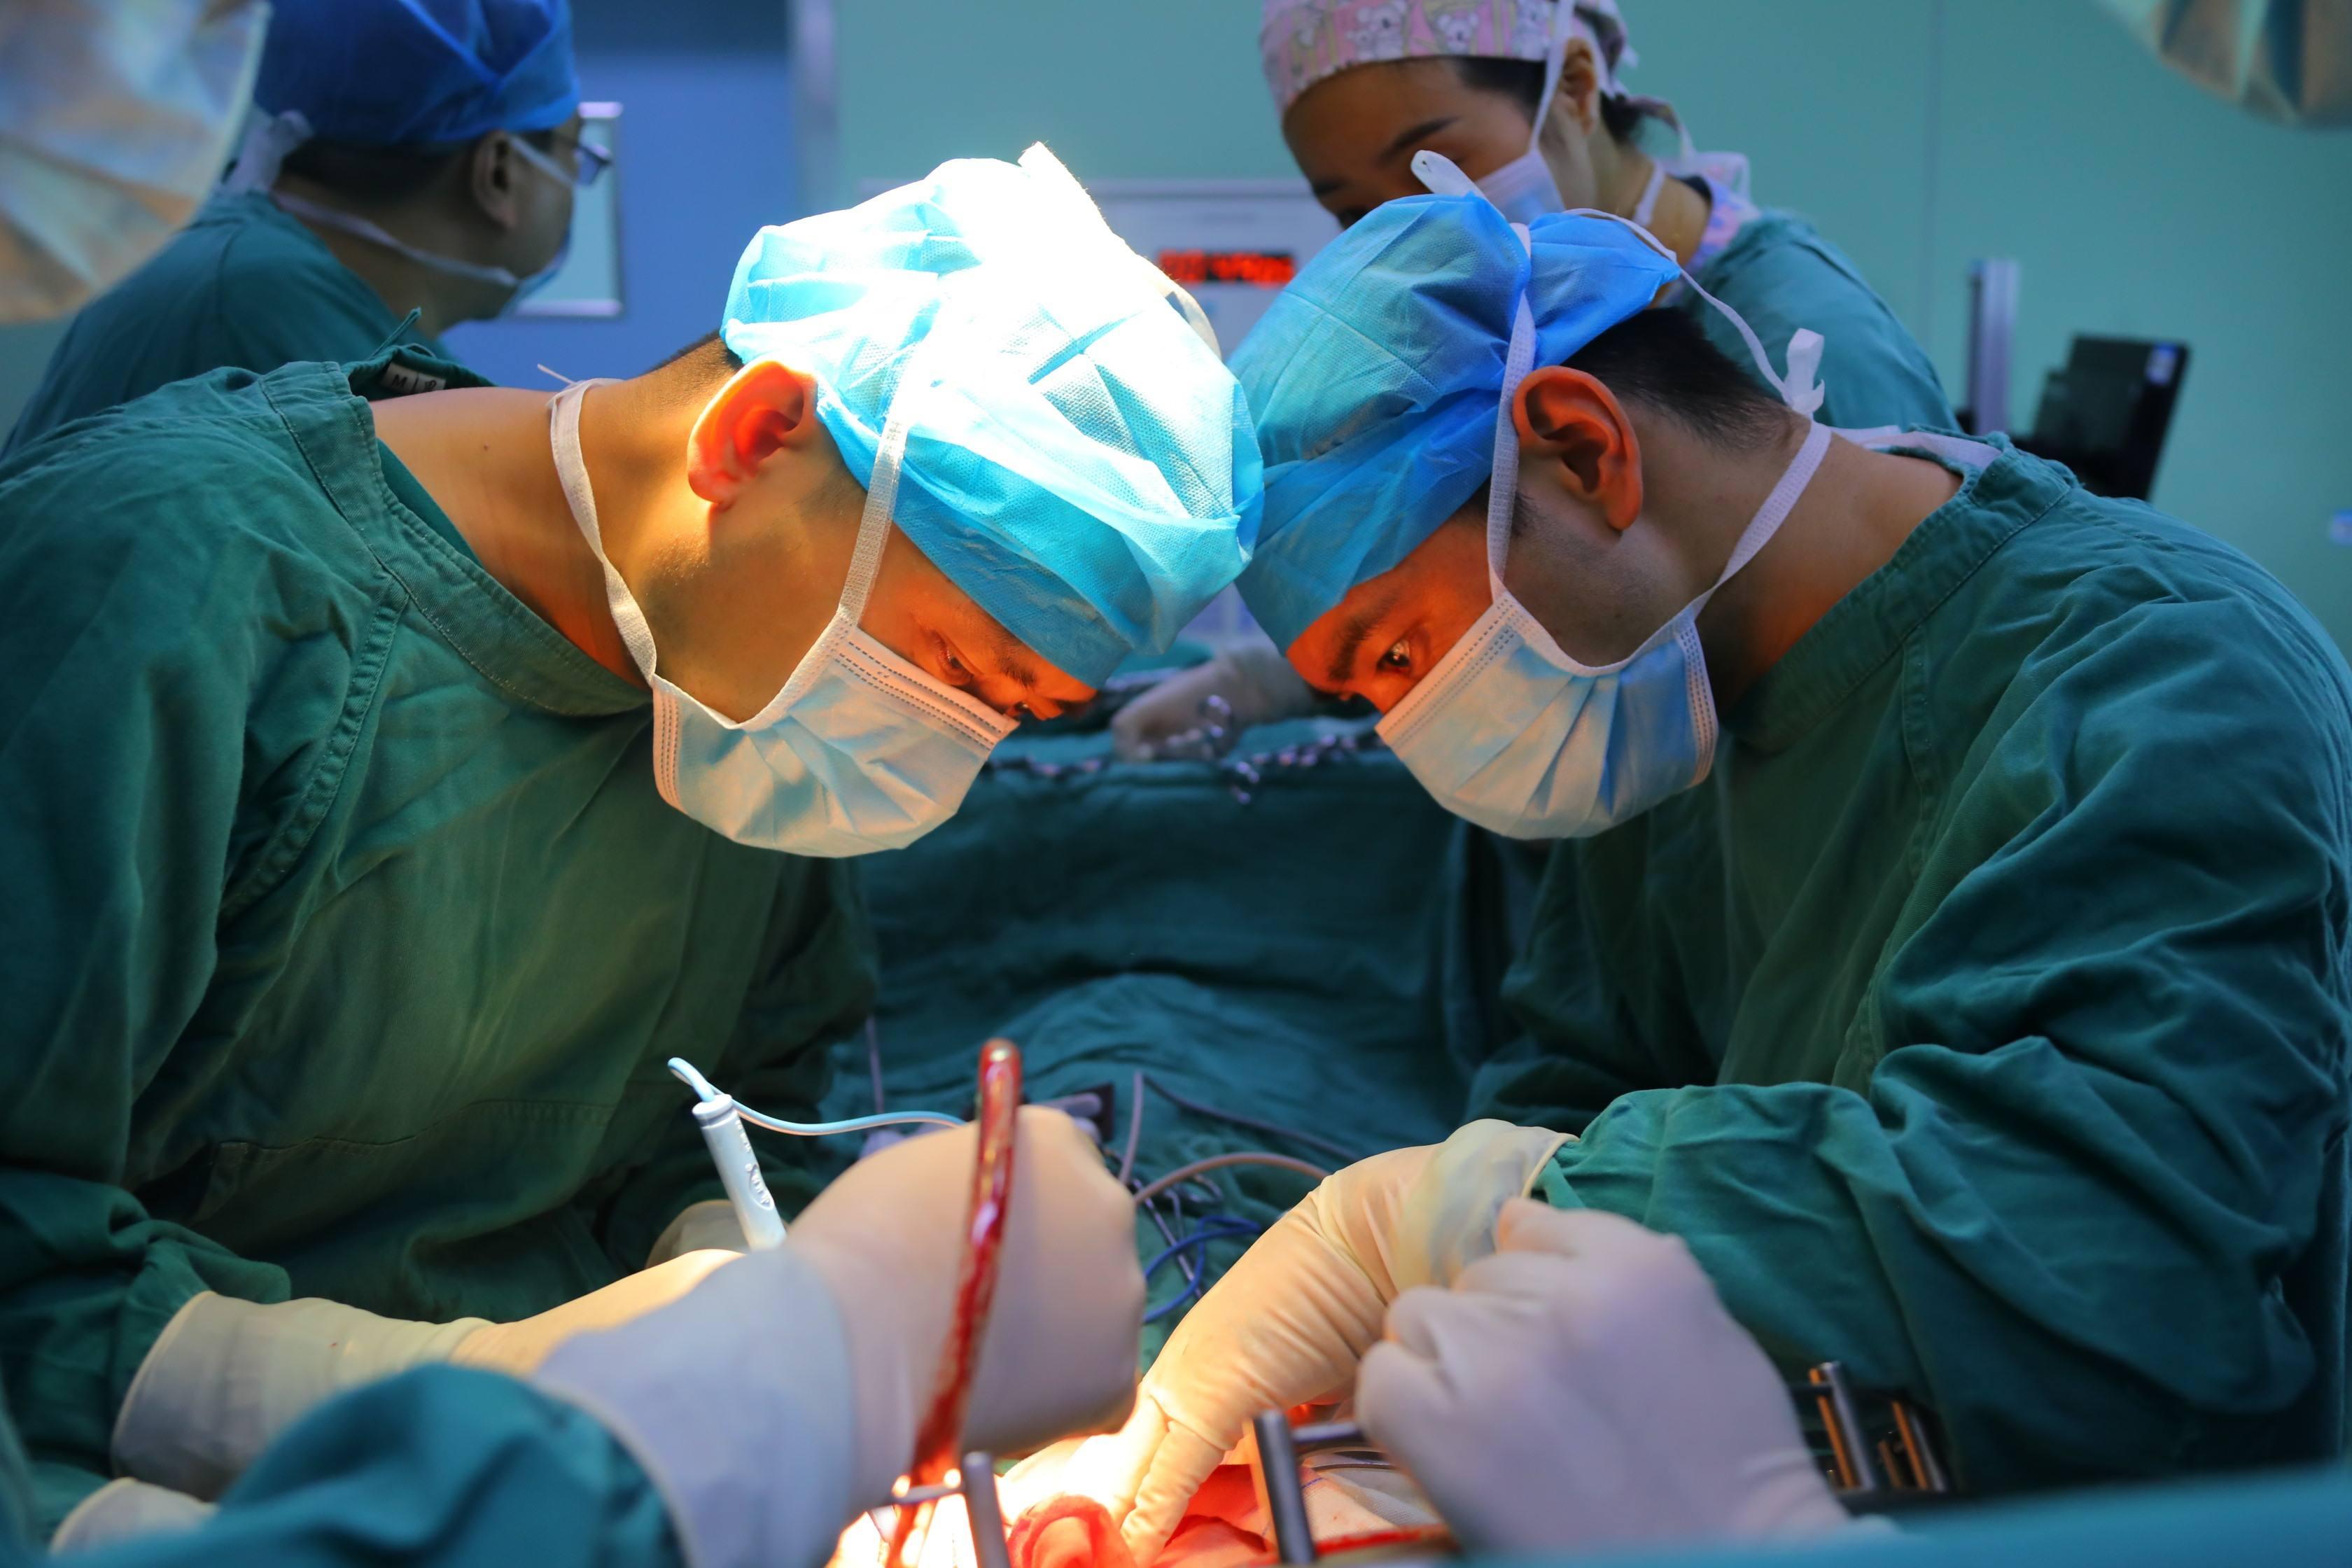 华西广安医院成功开展首例全胰联合脾脏切除手术